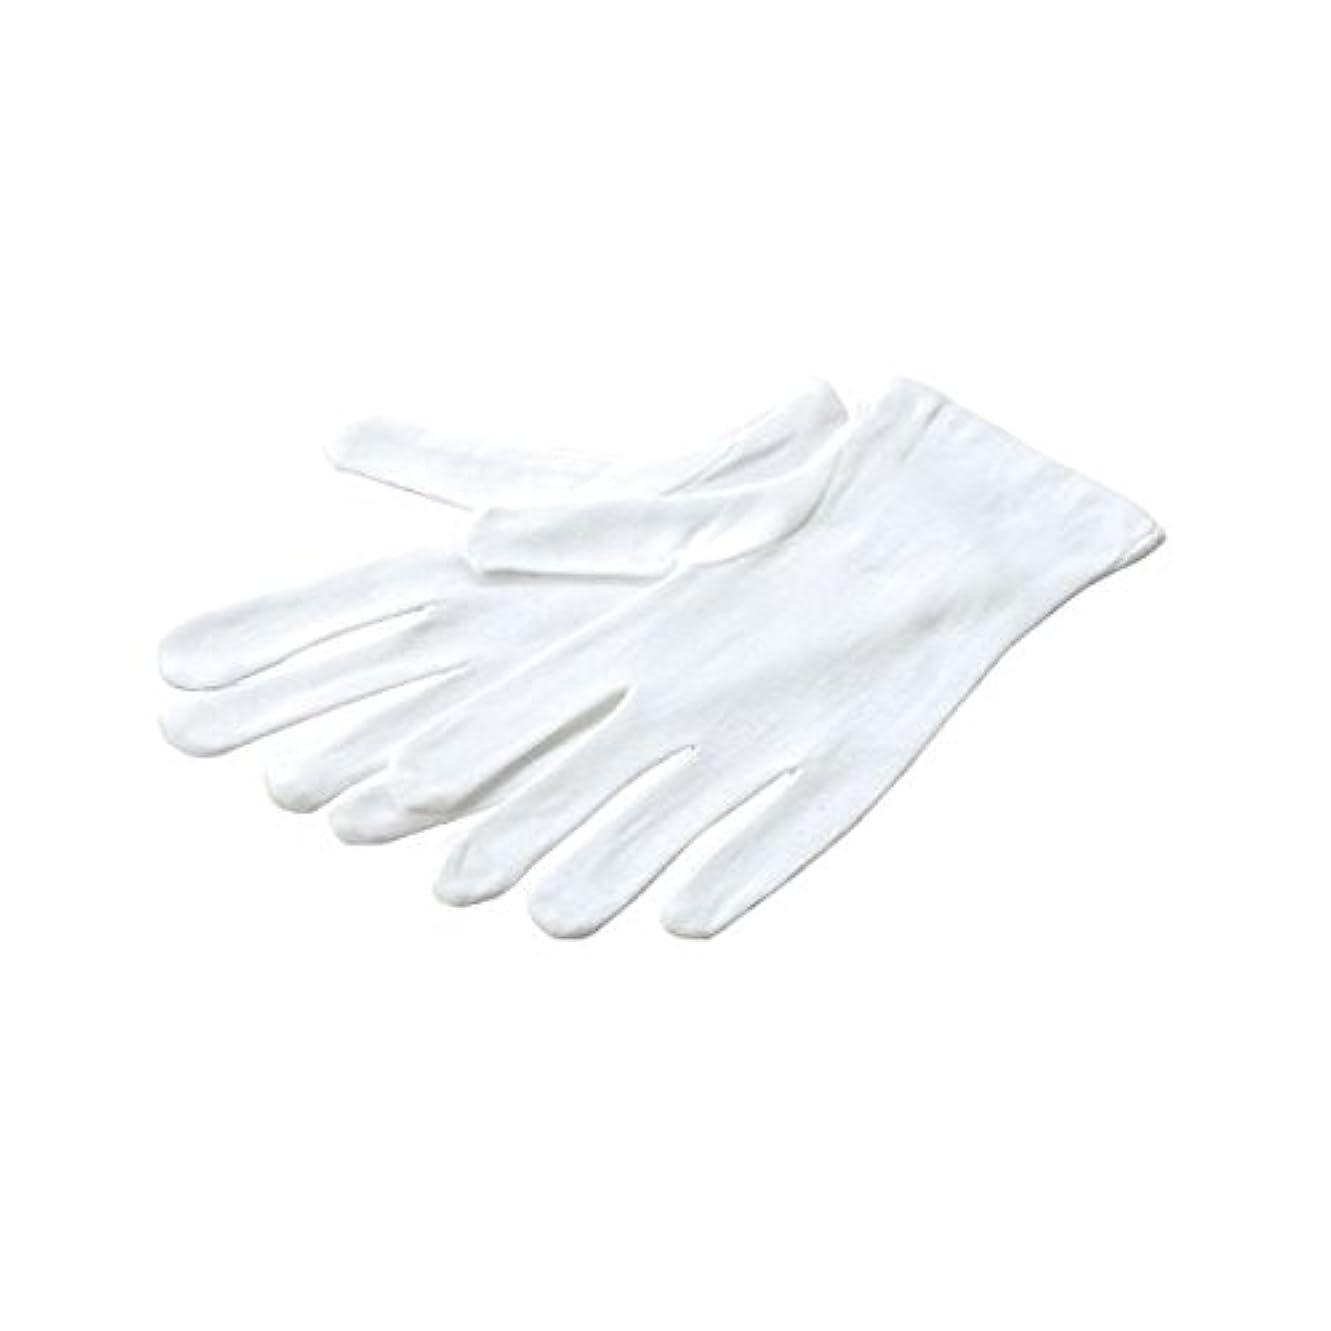 スワップクランシー農奴ミタニコーポレーション 品質管理用手袋スムス マチナシ 210080 12双入 【×5セット】